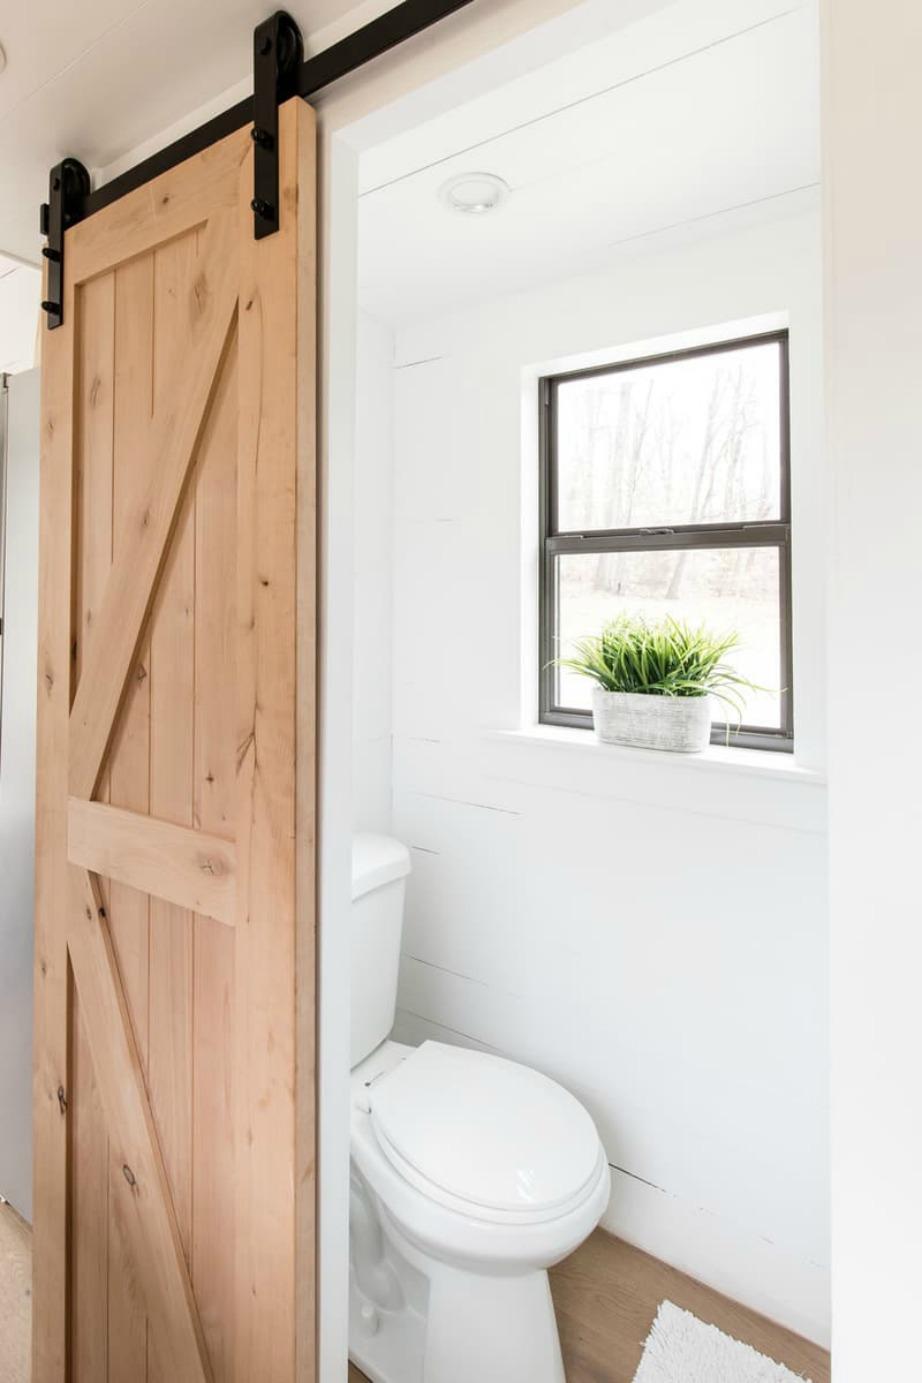 Οι συρόμενες πόρτες βοηθούν σημαντικά στο να εξοικονομήσουμε χώρο στο διαμέρισμά.